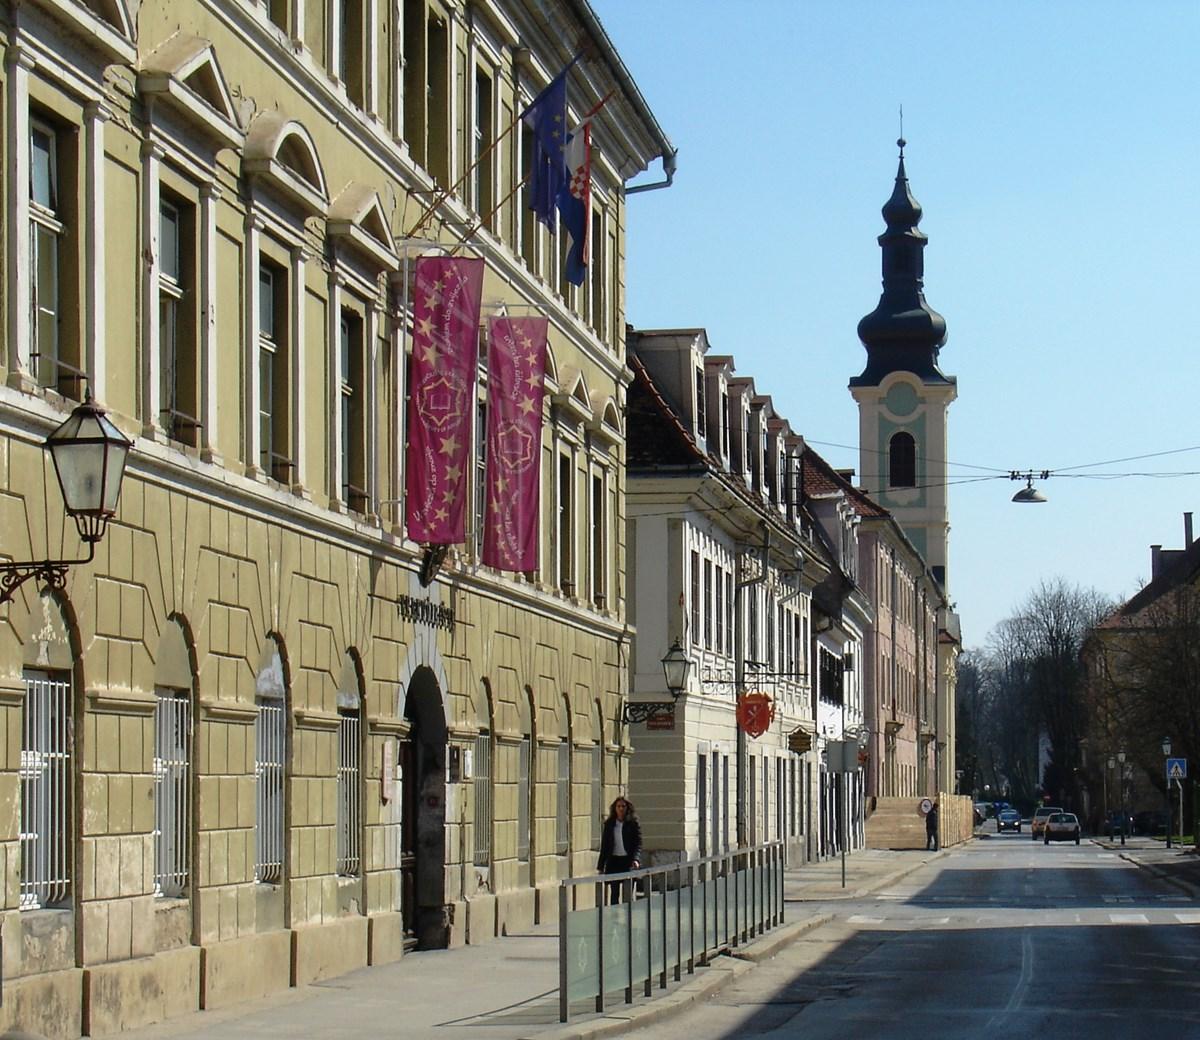 Karlovac, Veleučilište u Karlovcu. Izvor: Grad Karlovac, http://www.karlovac.hr/grad/fotogalerija-21/fotografije-grada/2725